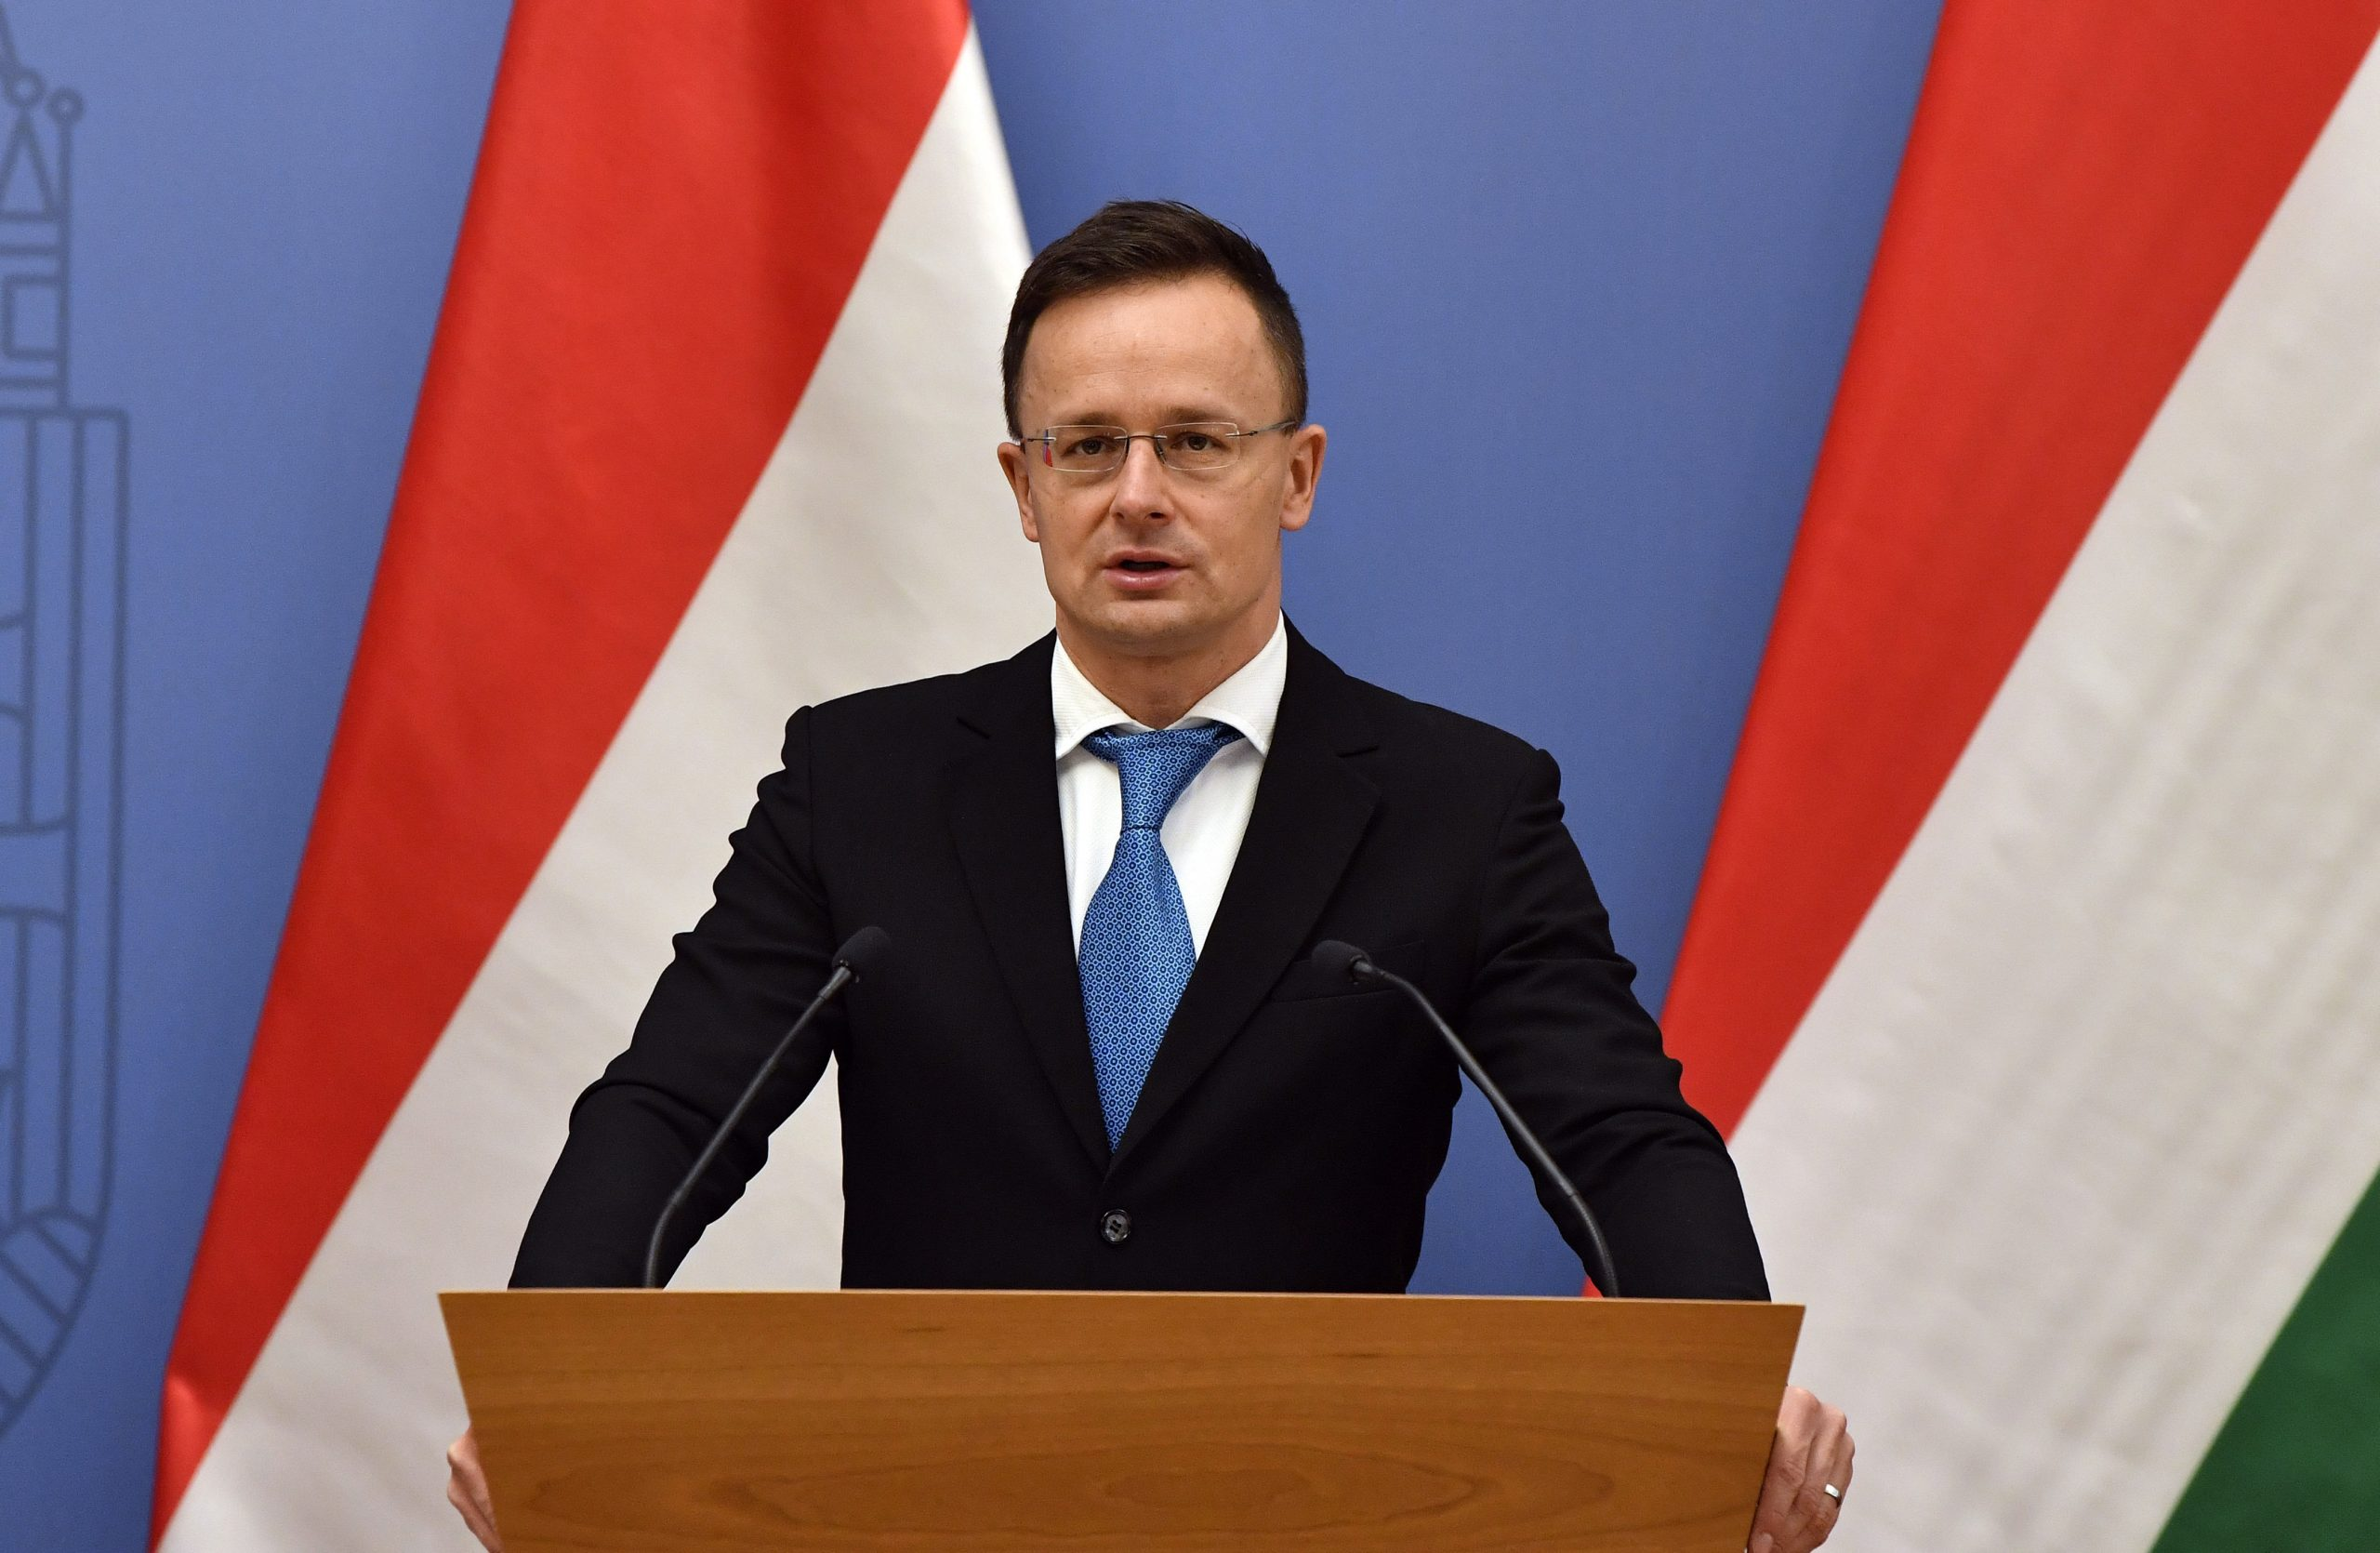 Außenminister: Deutscher SPD-Politiker verbreitet Lügen bezüglich ungarischer Impfstoffbeschaffung